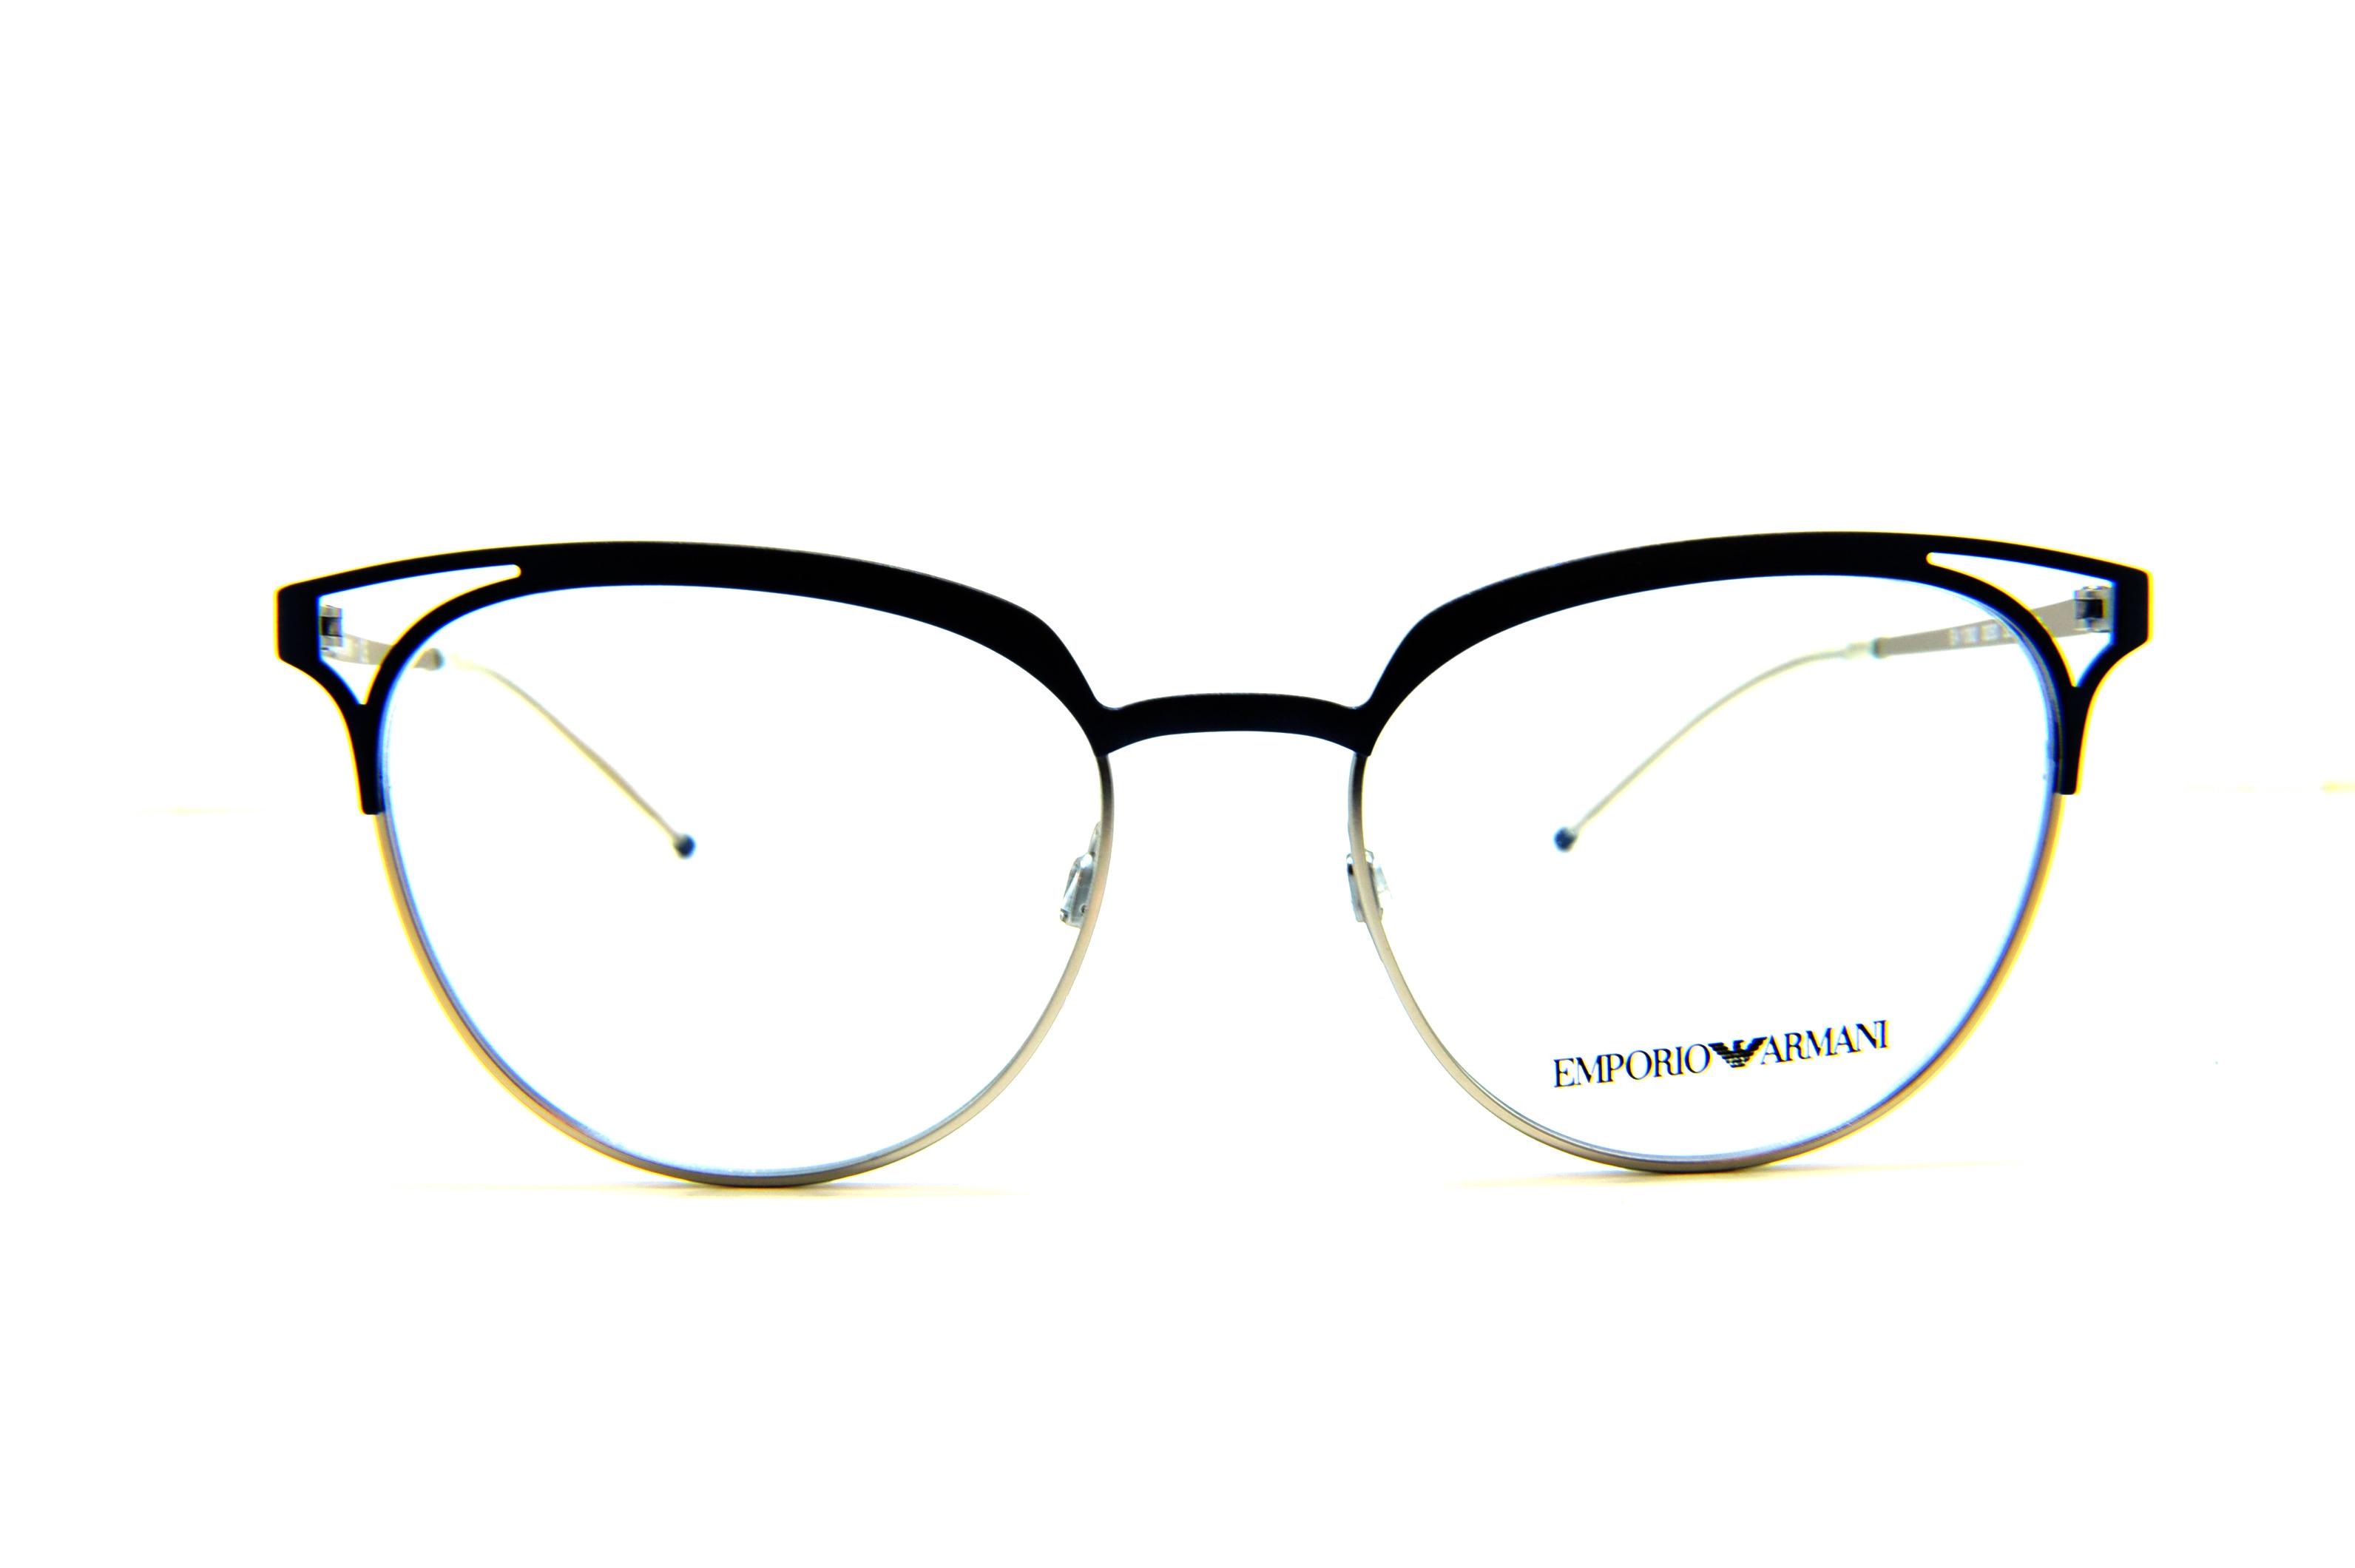 scarpe di separazione 892da 32154 EMPORIO ARMANI Occhiali da vista colore argento, tondo ea1082 - Ottica  Tirone